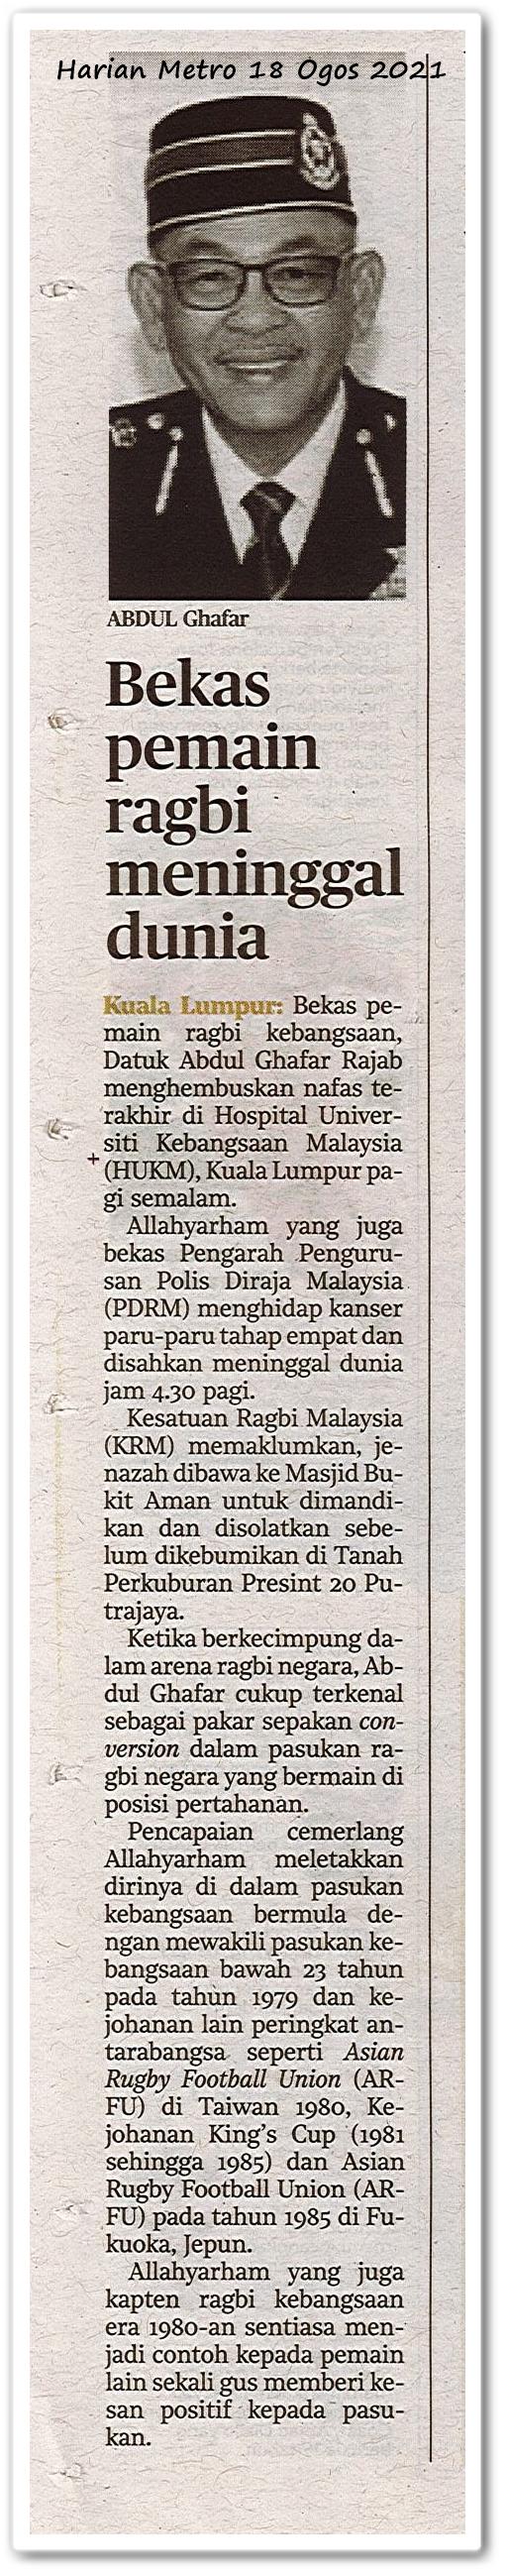 Bekas pemain ragbi meninggal dunia - Keratan akhbar Harian Metro 18 Ogos 2021